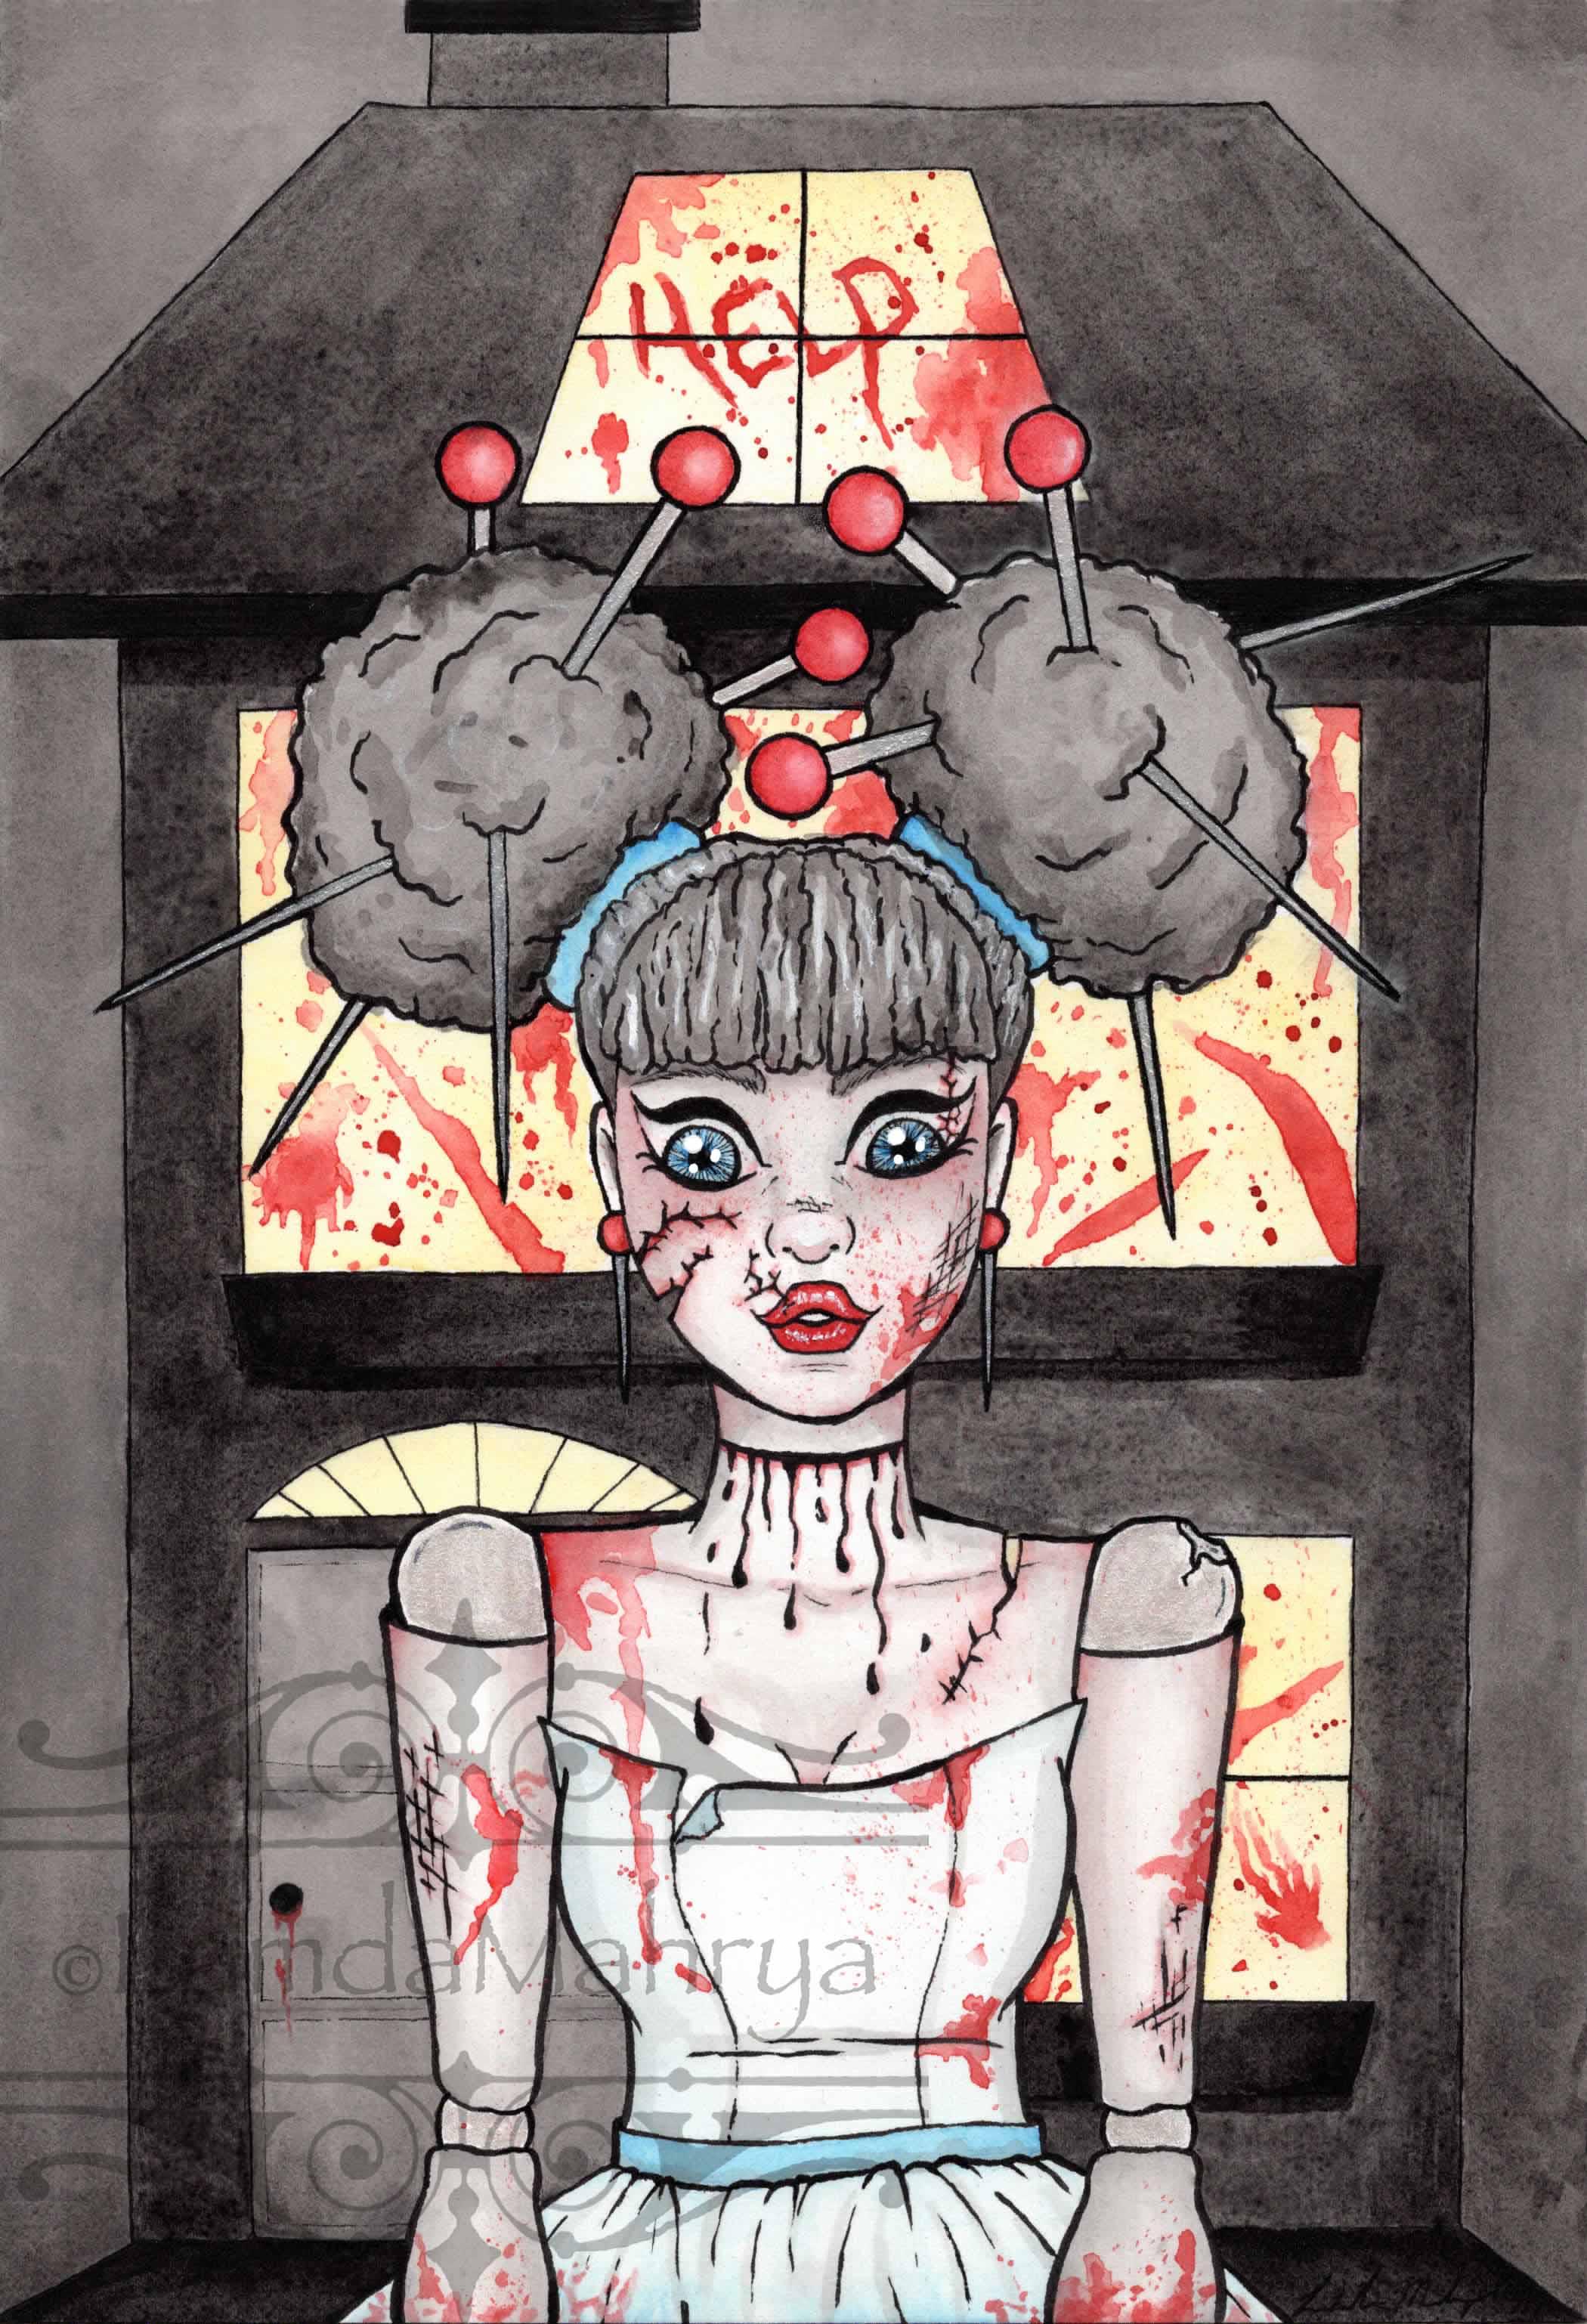 Dollie's Revenge - $170